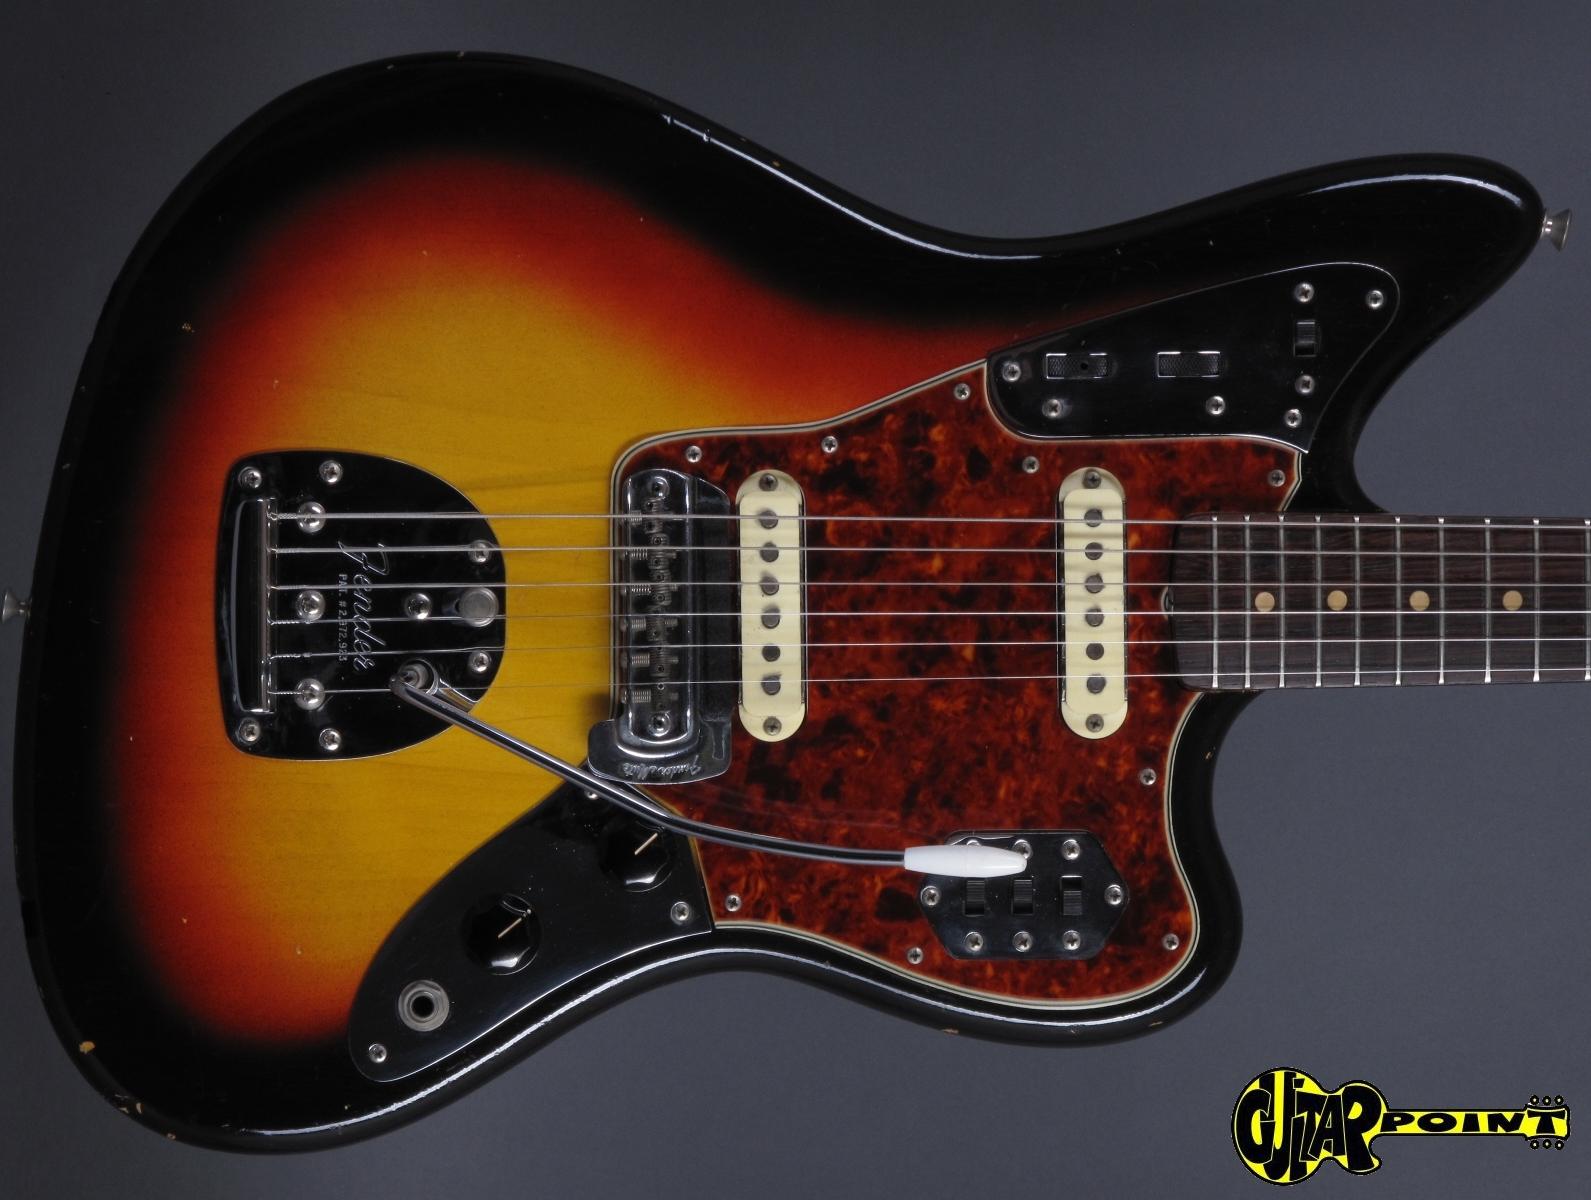 jaguar fender guitars fanatic product car en mexico